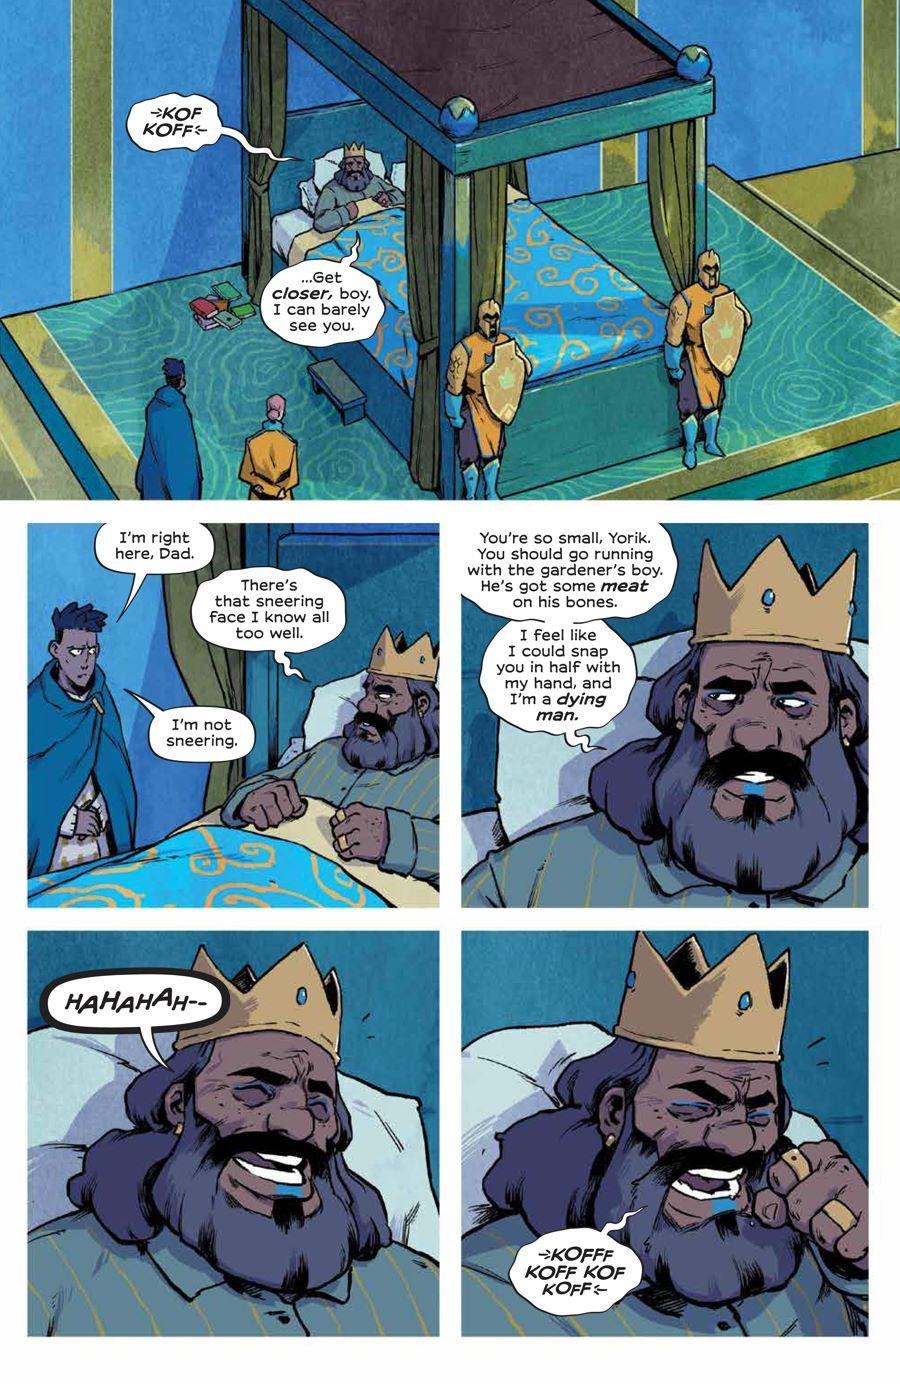 Wynd_002_PRESS_3 ComicList Previews: WYND #2